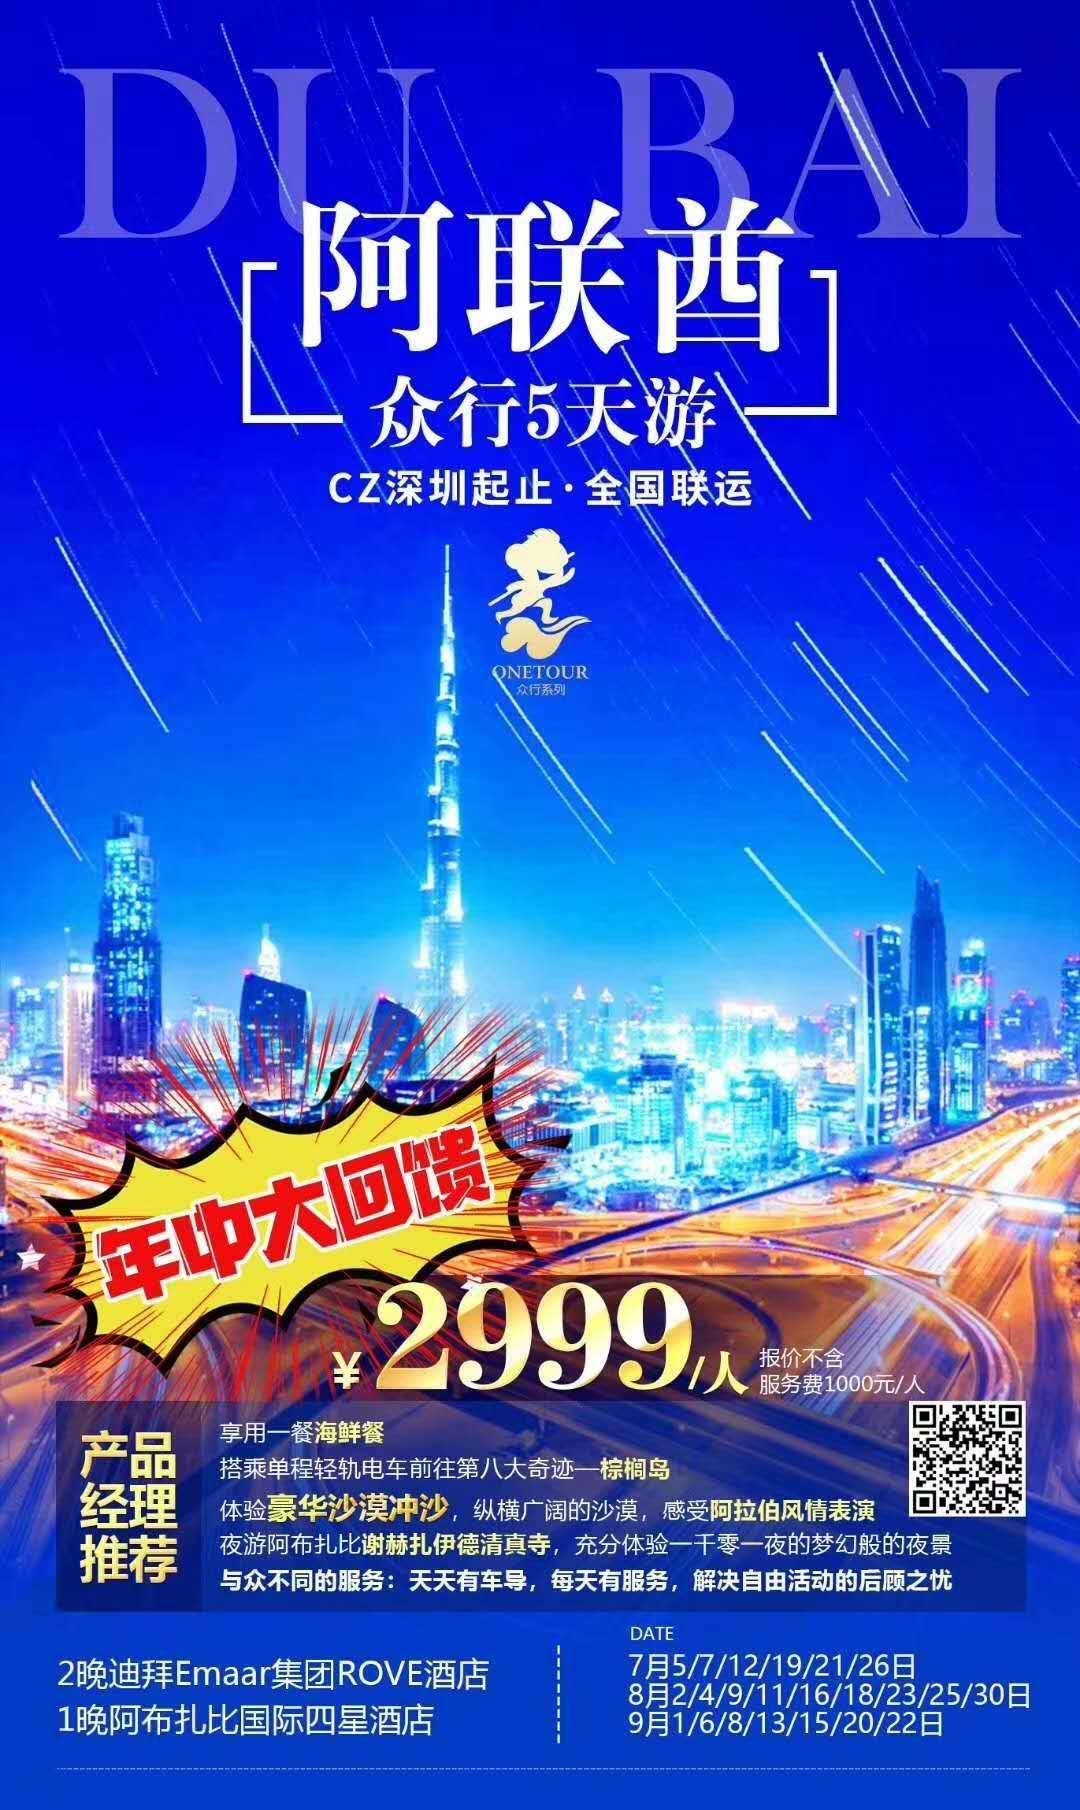 年中回馈2999元阿联酋迪拜5天3晚深圳南航直飞往返全国联运每周五周日出发